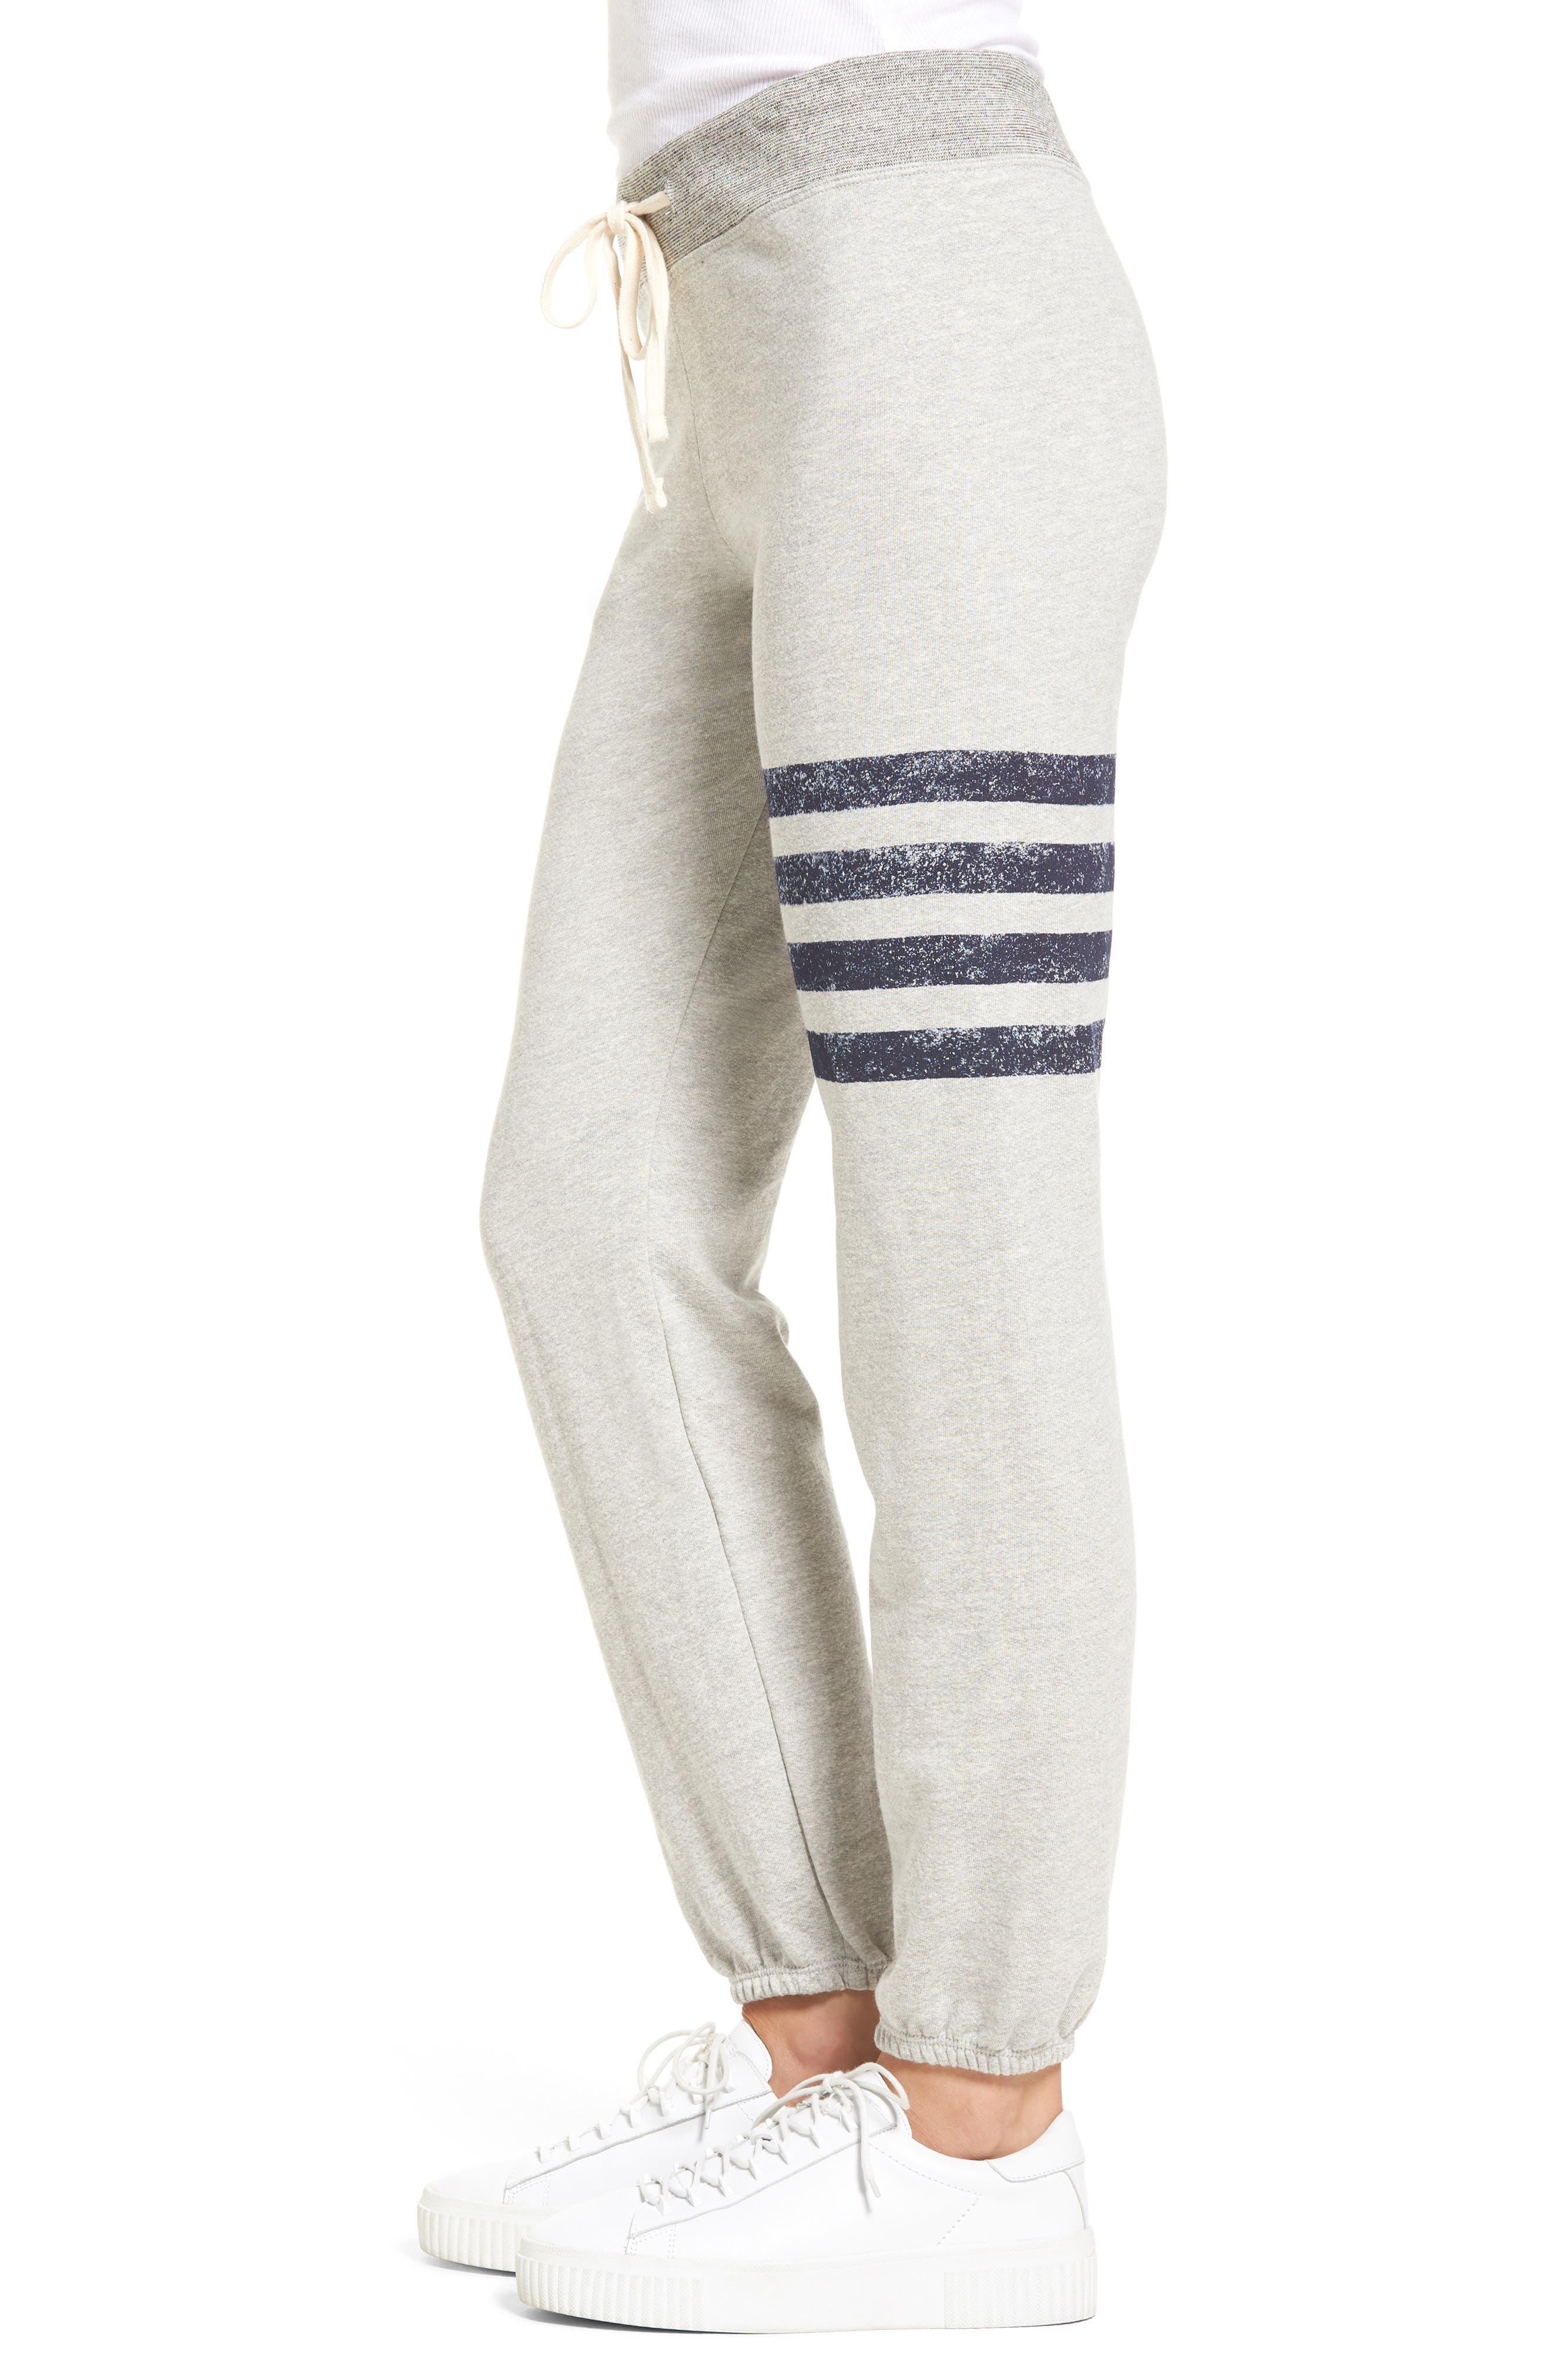 Stripe Yoga Pants,                             Alternate thumbnail 3, color,                             Soft Black